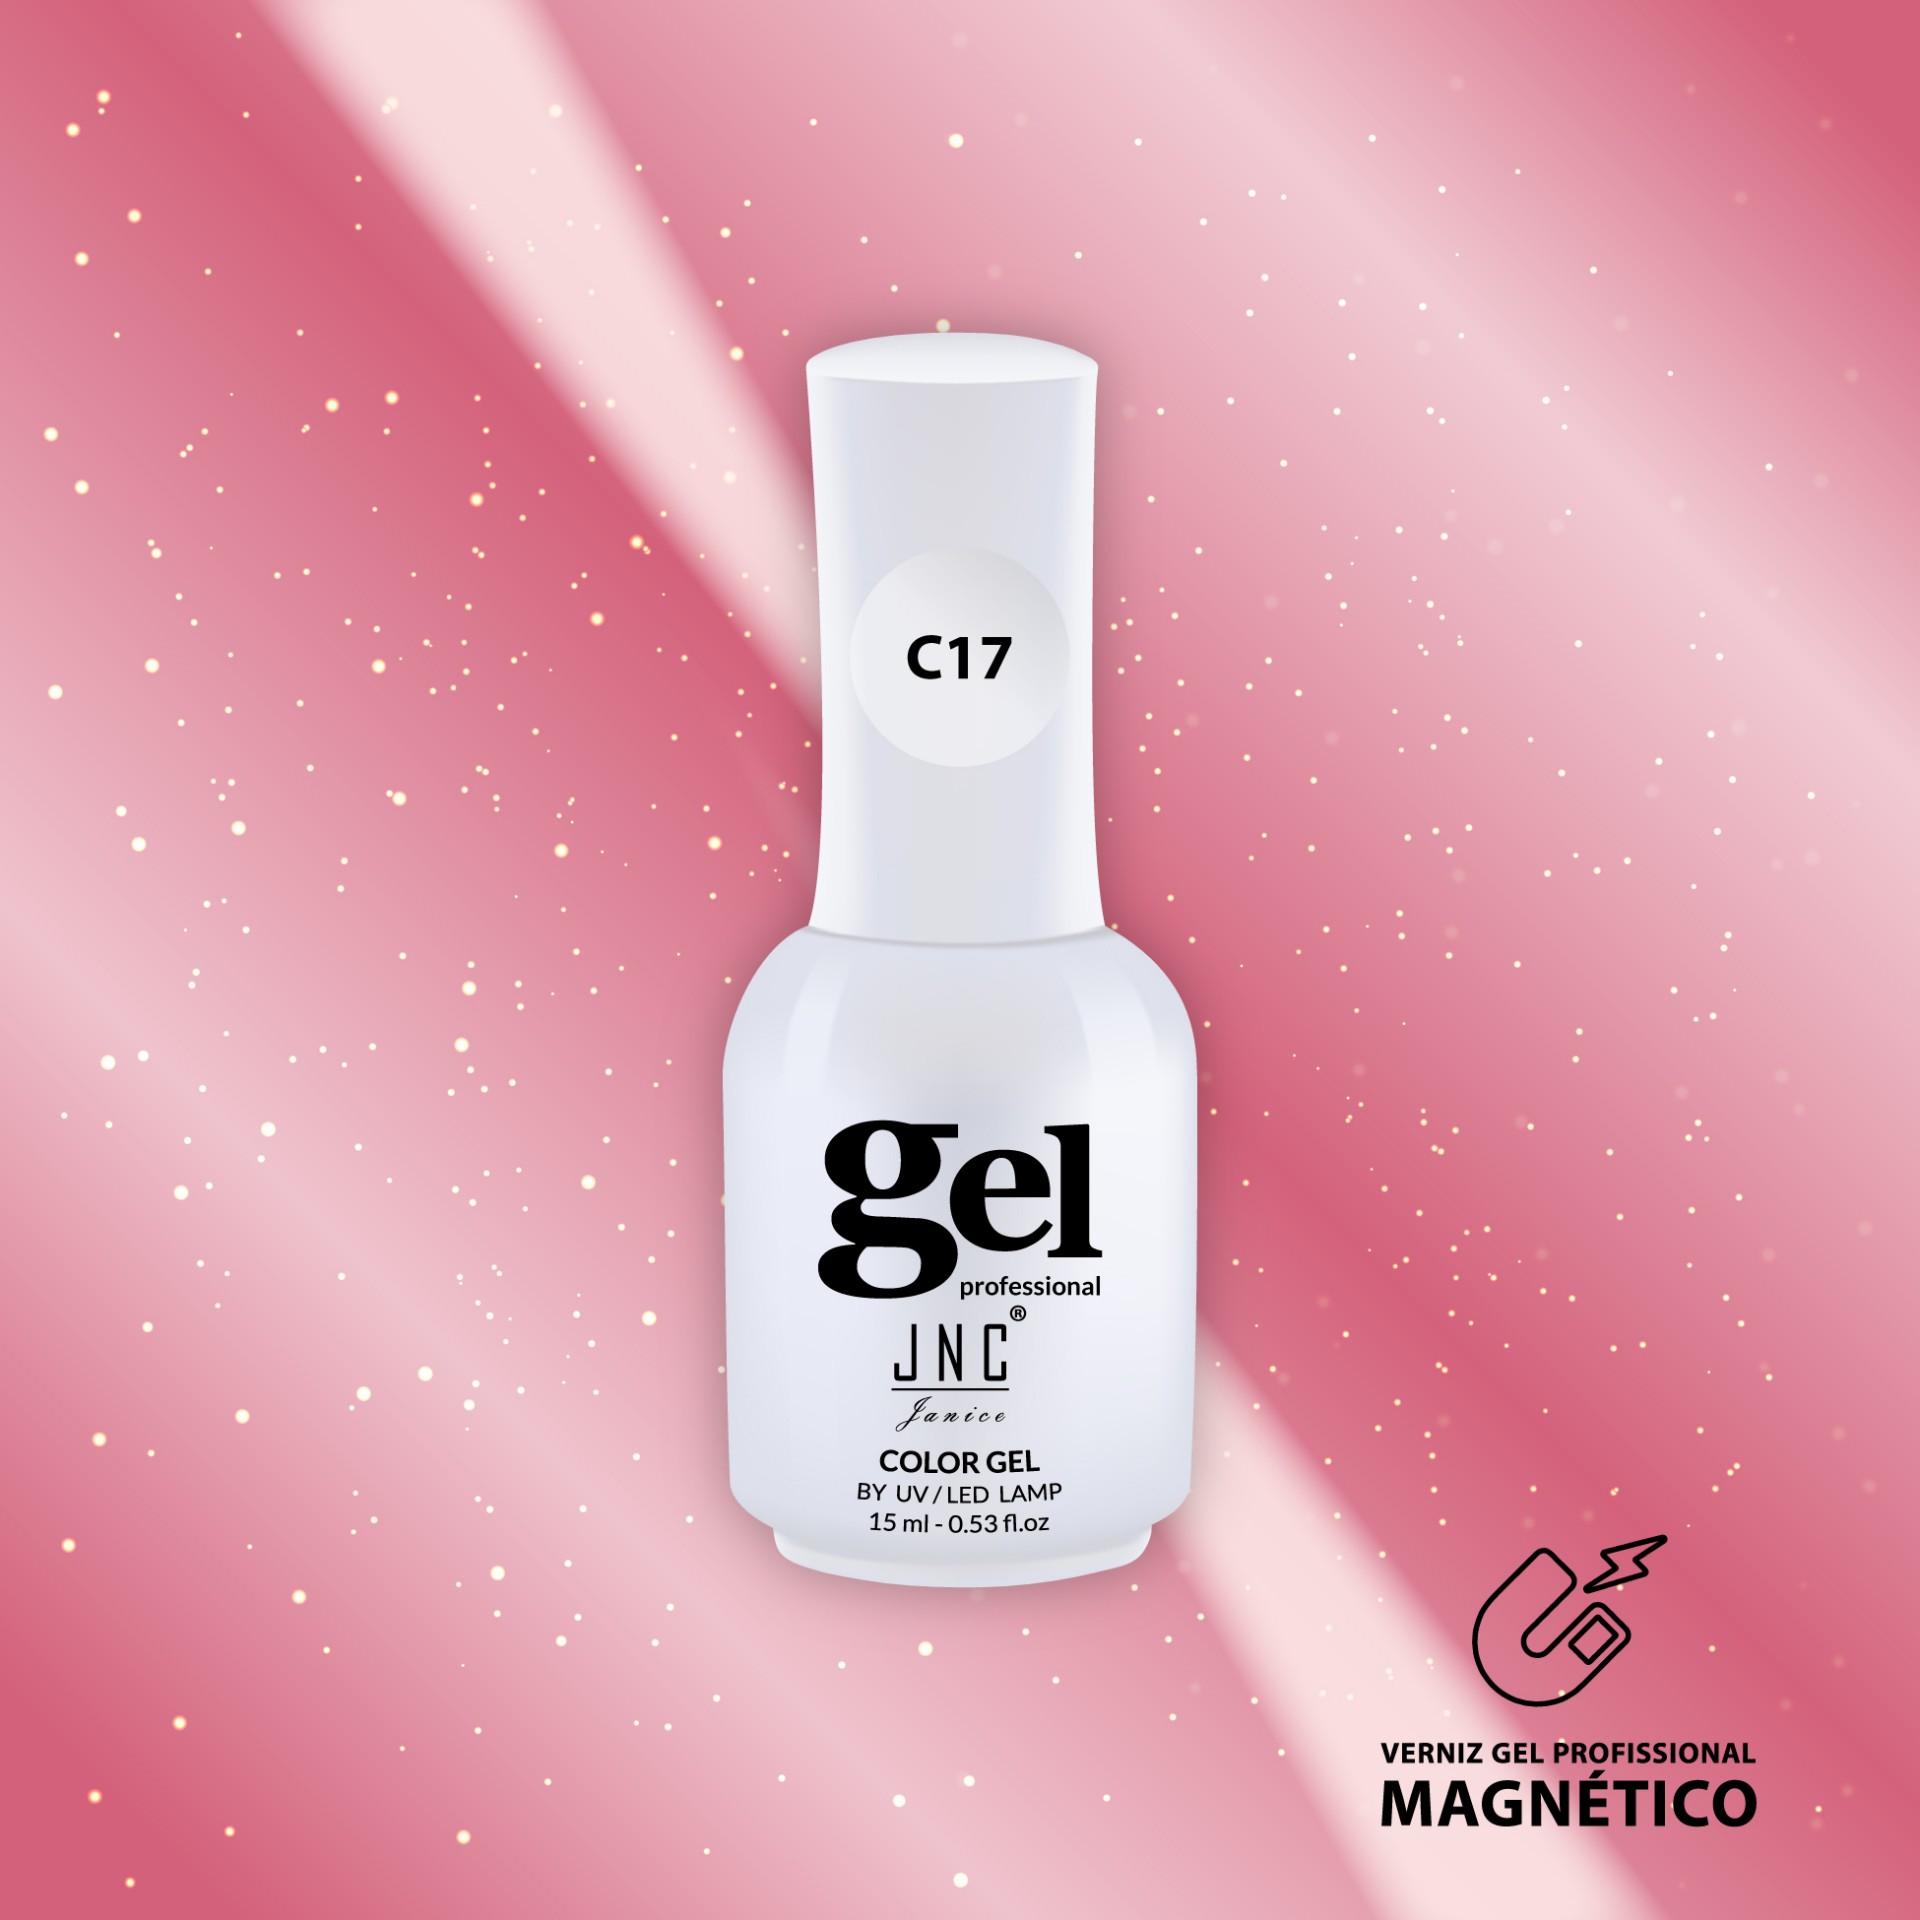 Verniz Gel Cat Eye C17